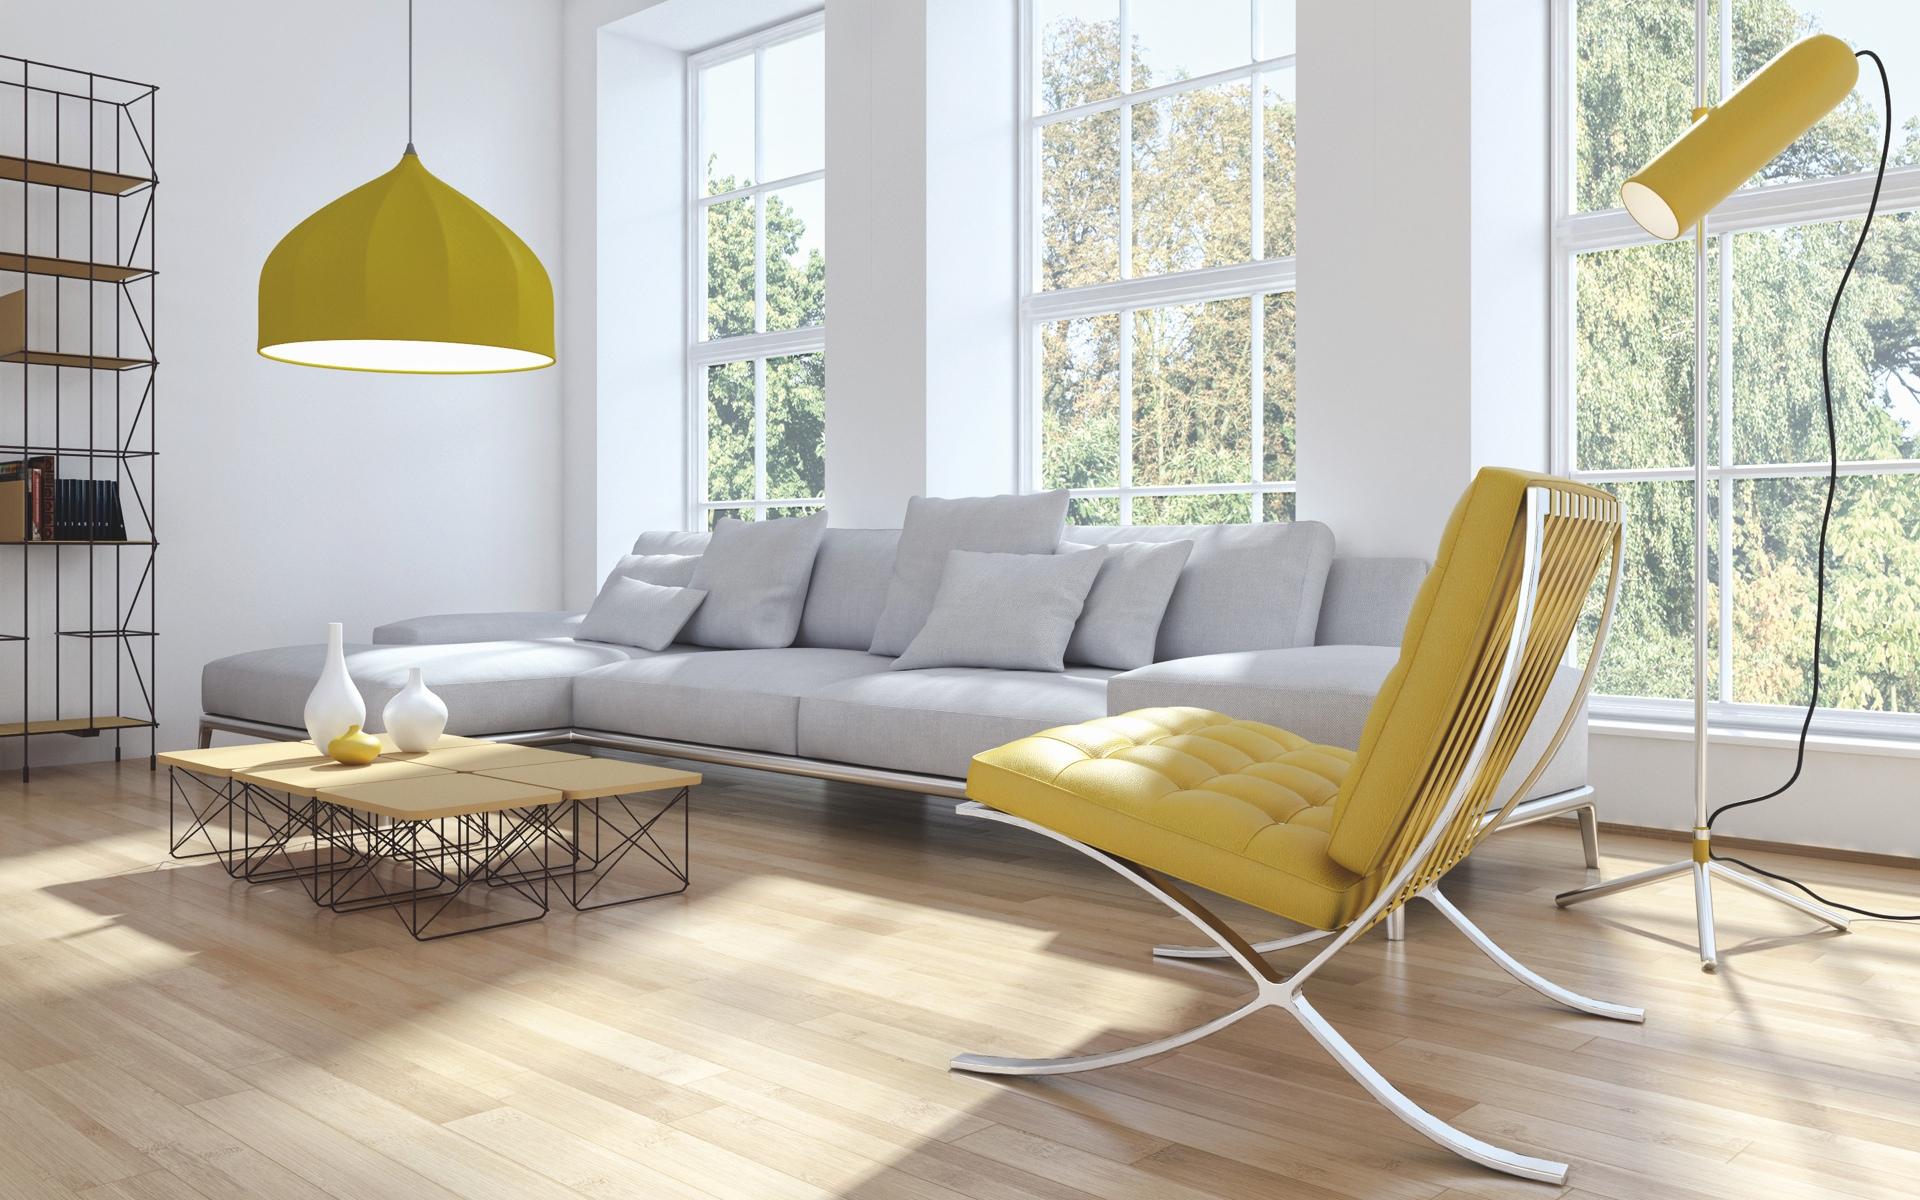 Ferienhaus mit Designerausstattung